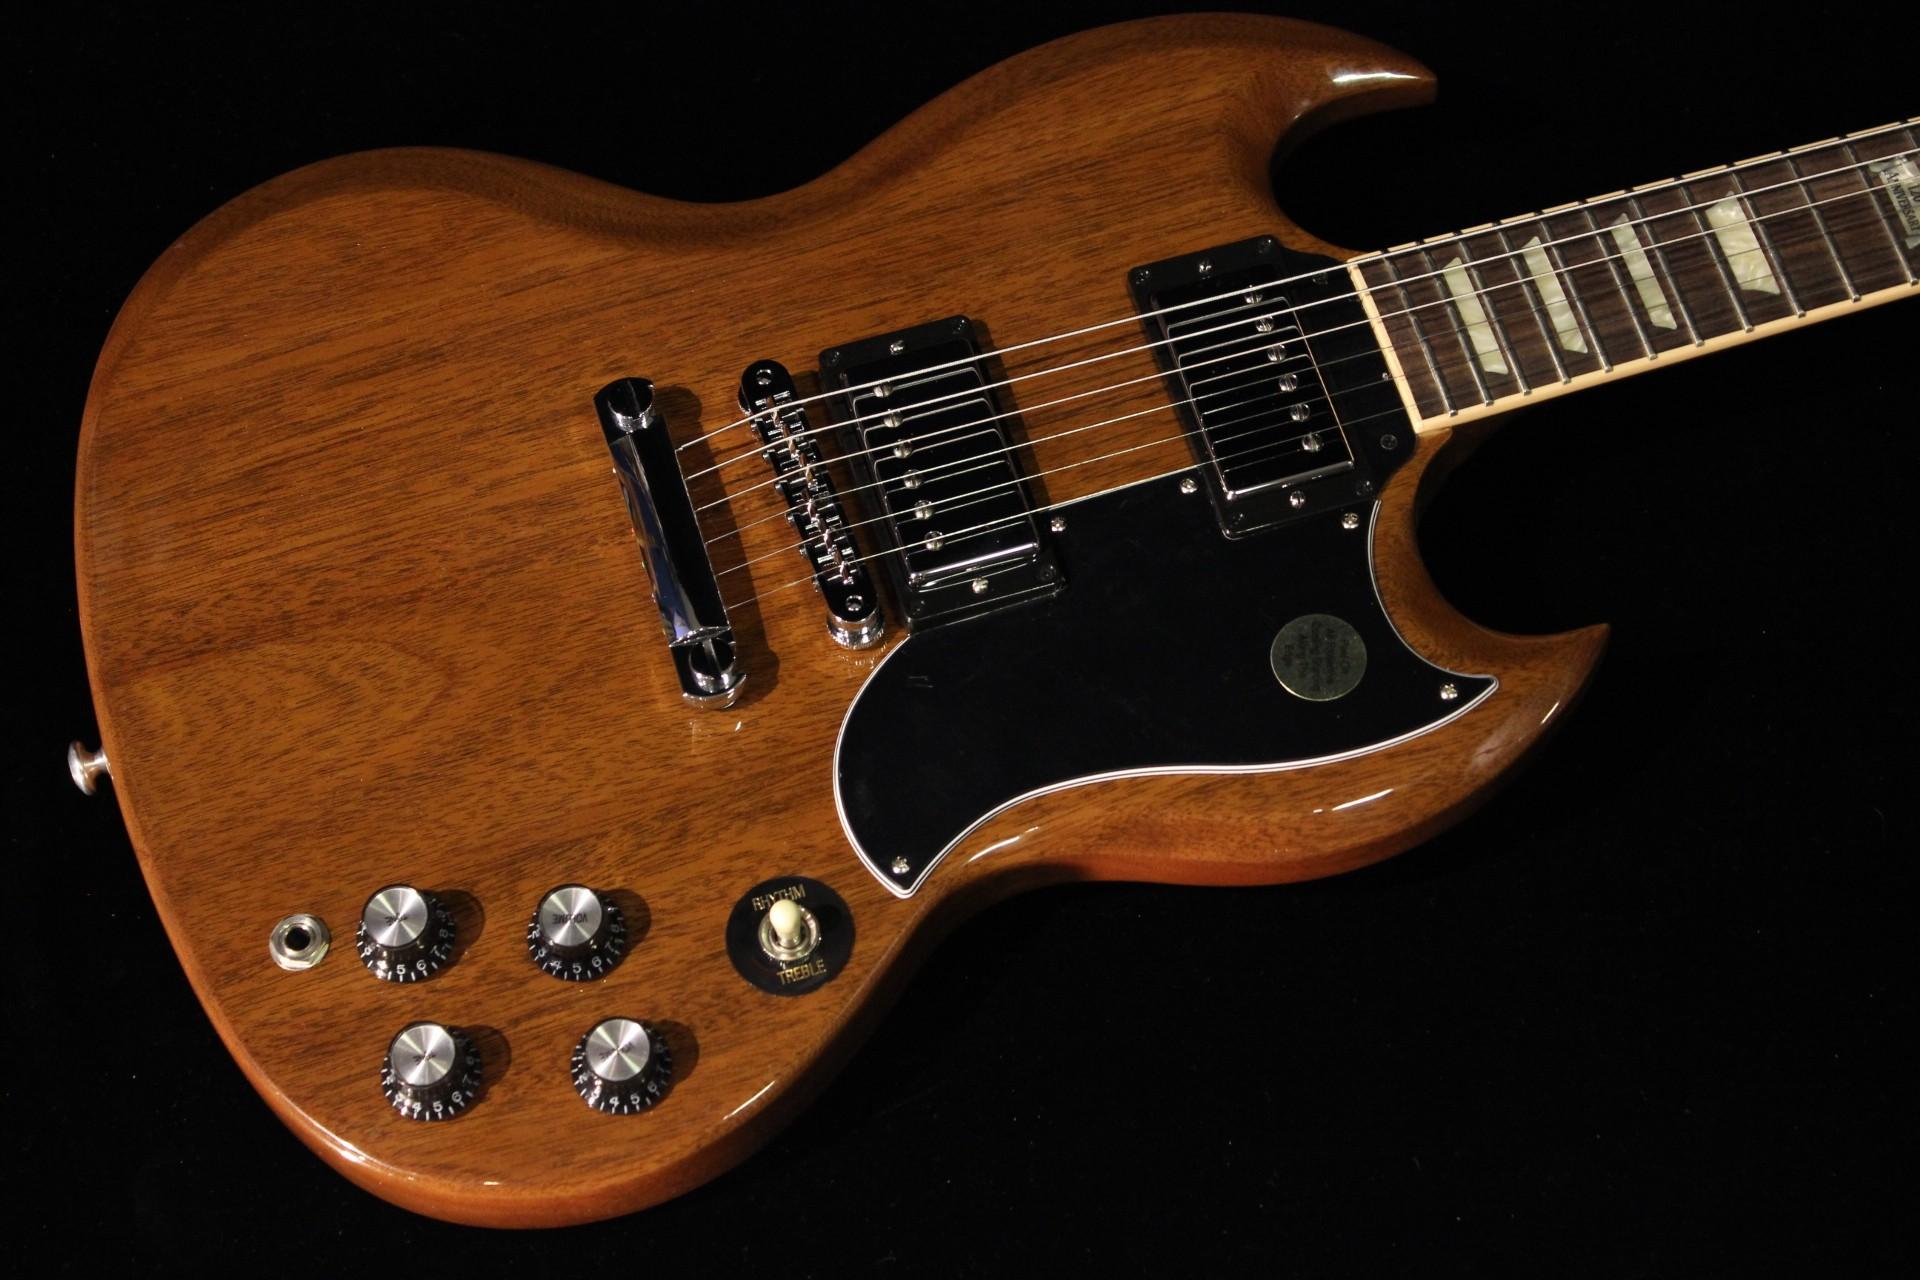 Gibson Sg Standard 2014 Walnut Sn 140028868 Gino Guitars